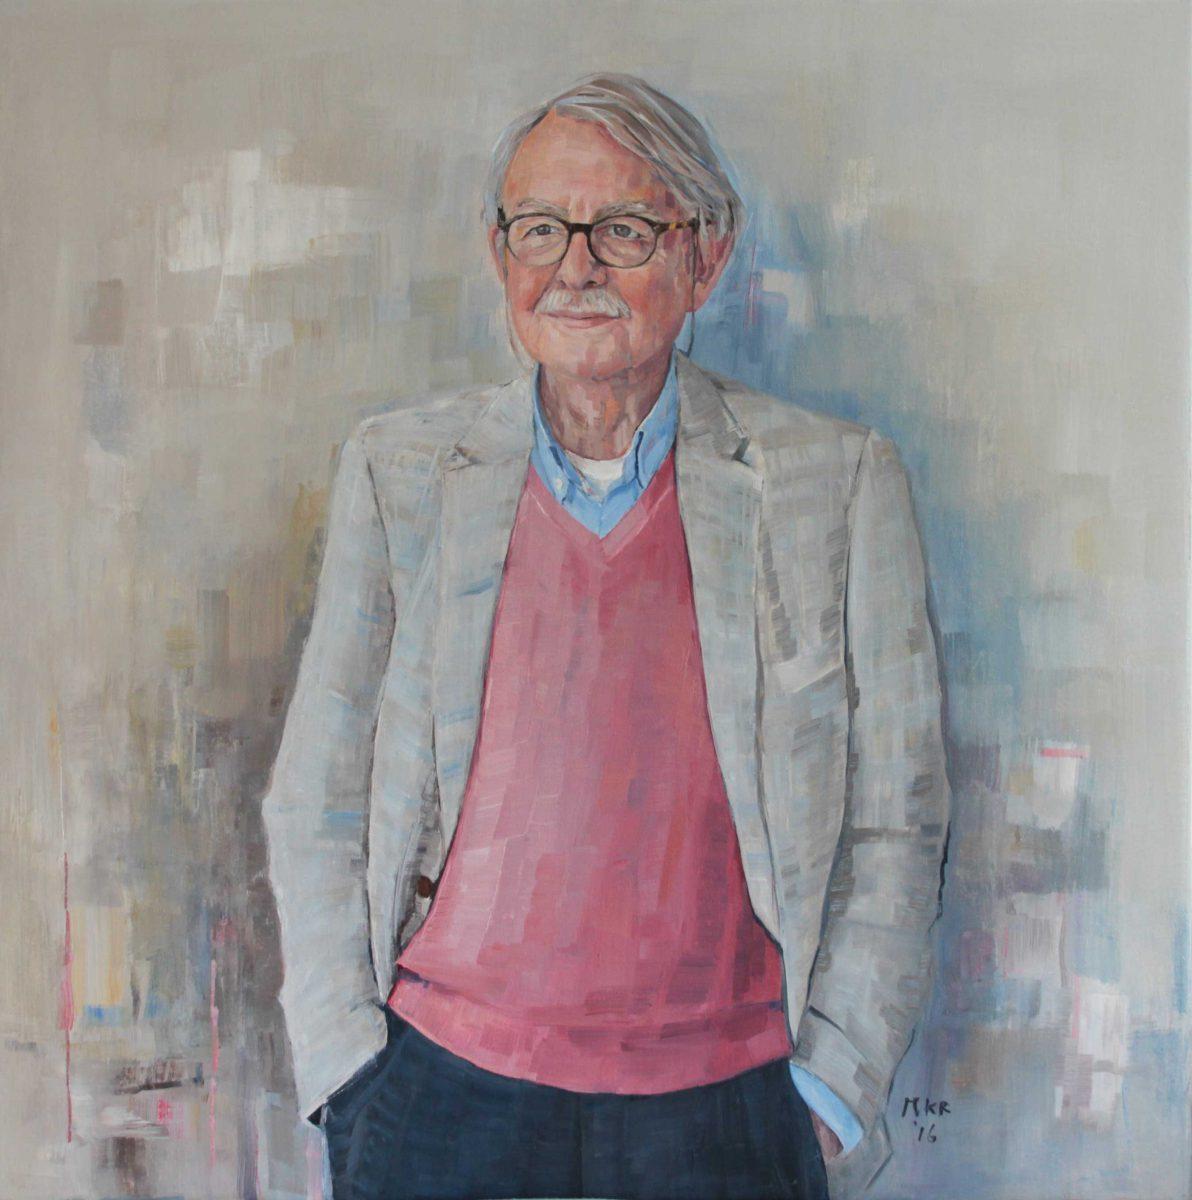 portretschilderij van een man in olieverf